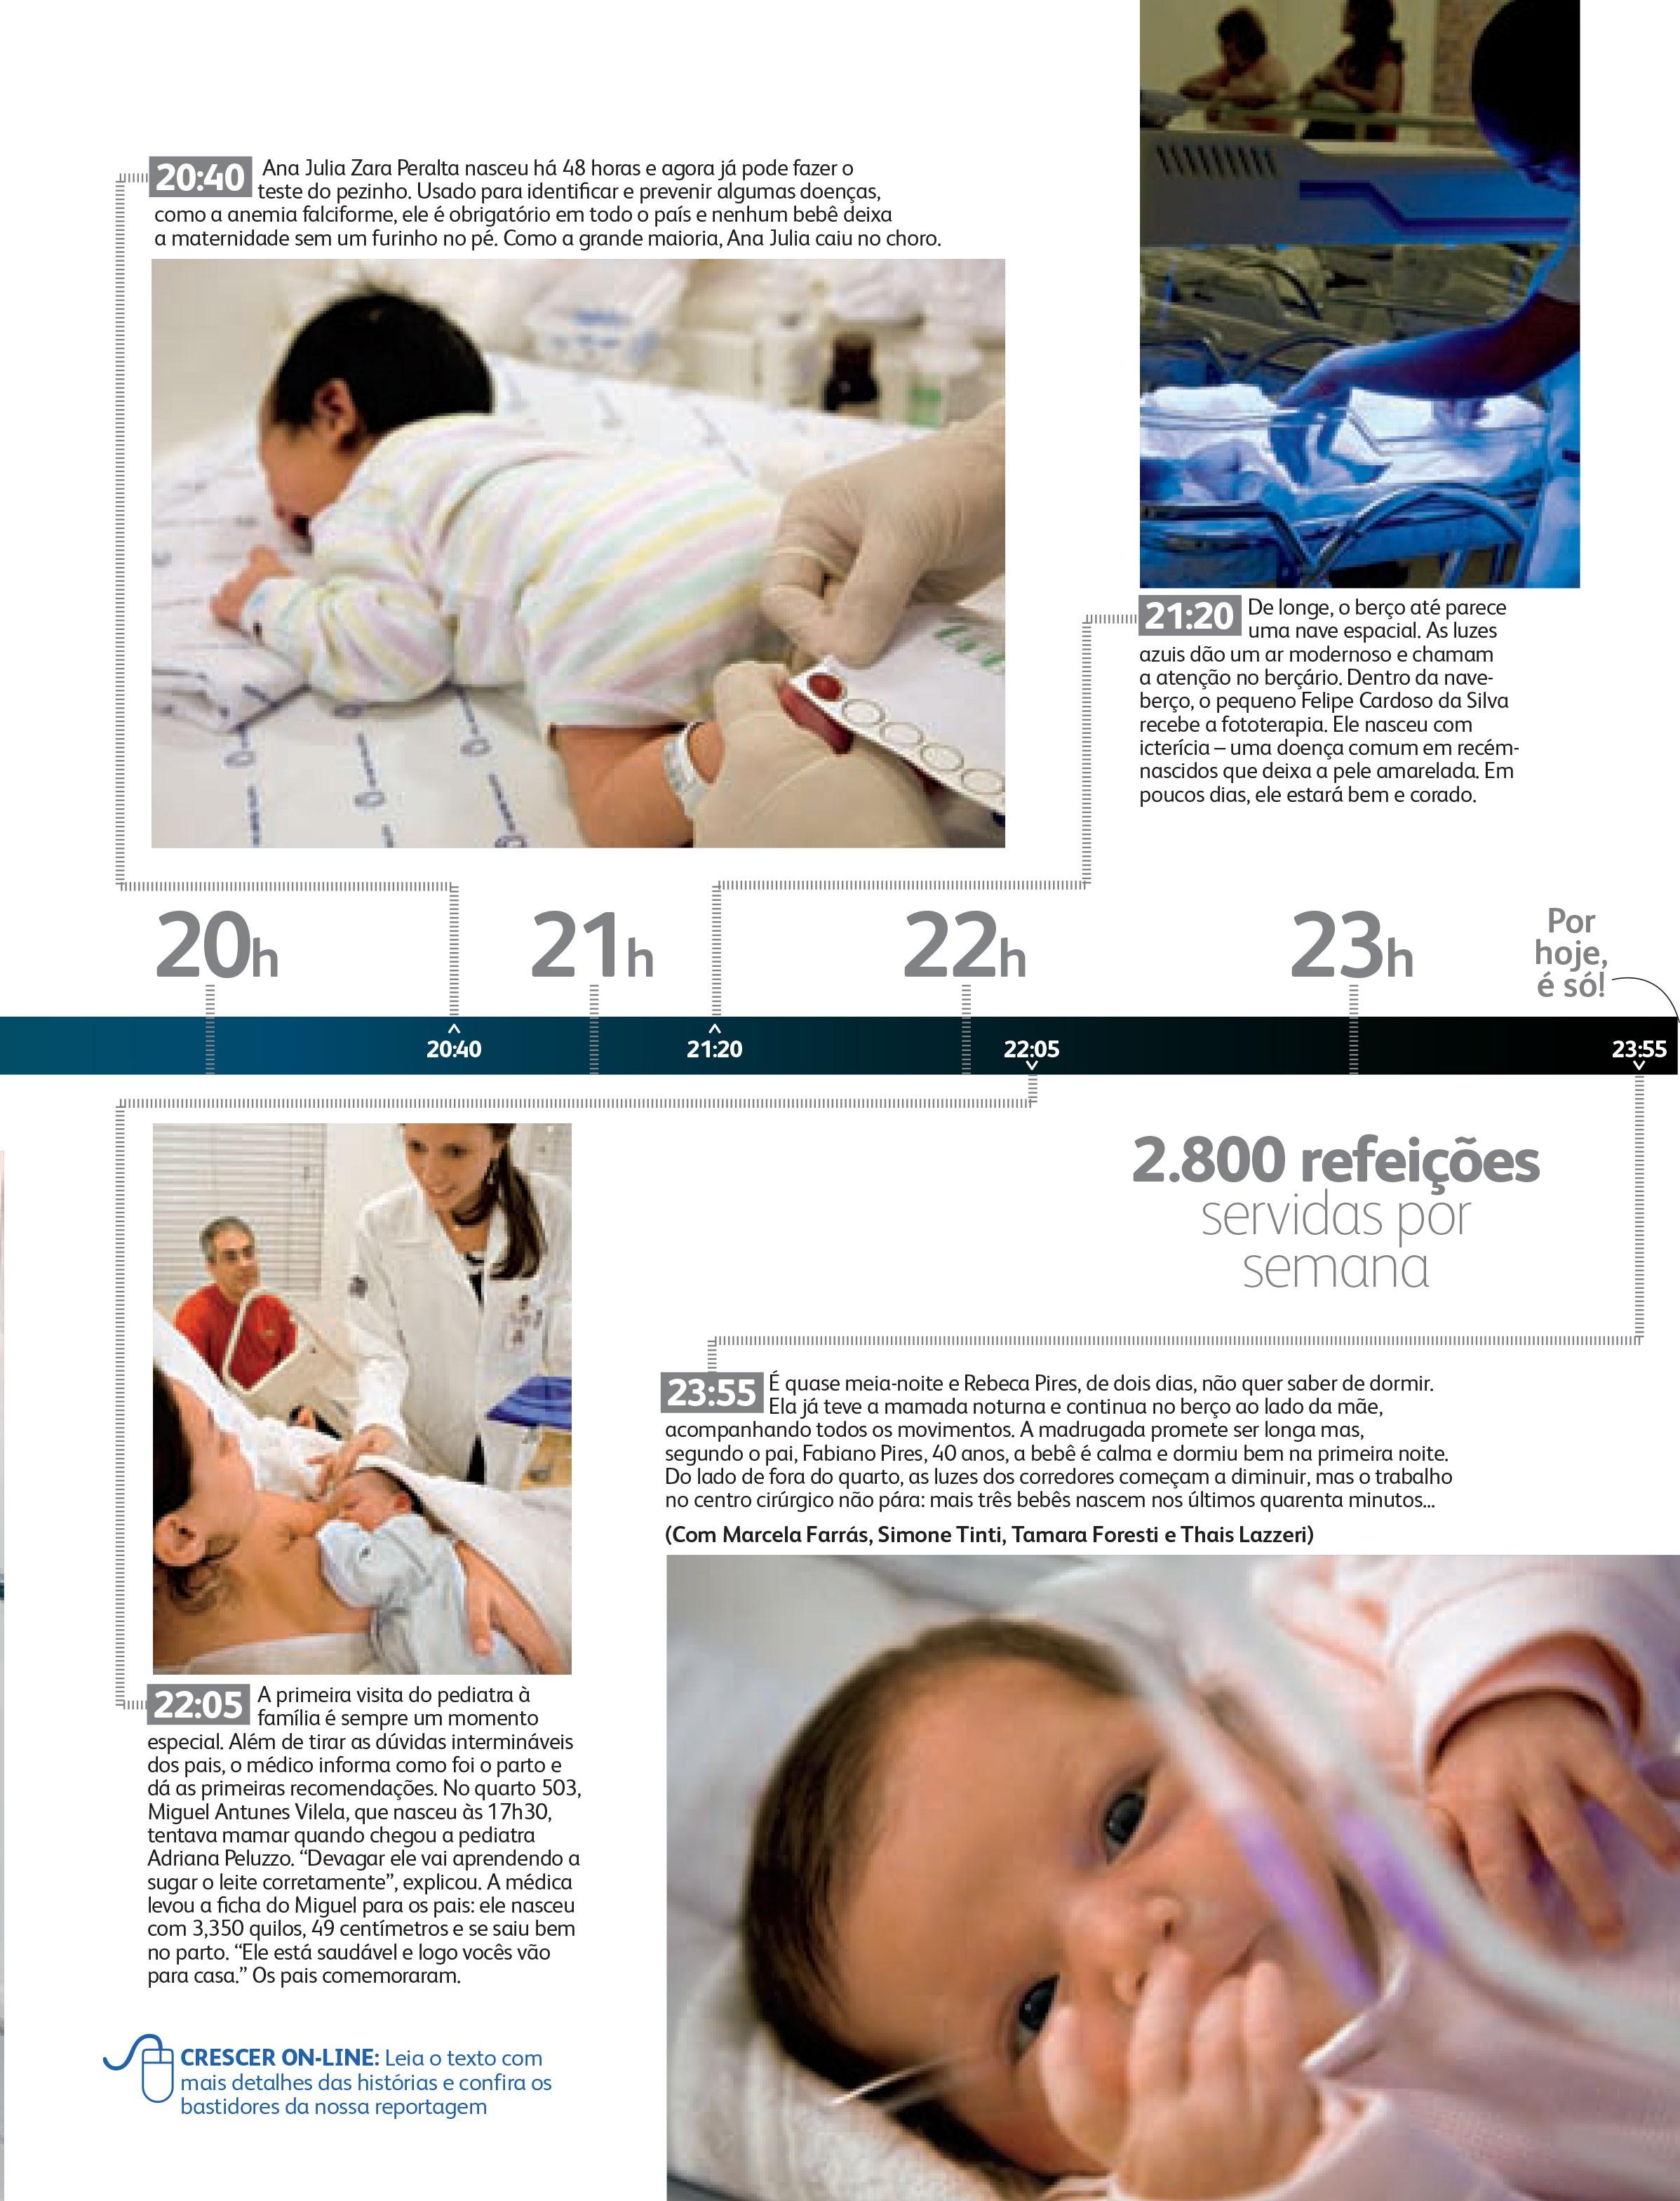 24 horas na maternidade 7 (Foto: Crescer)